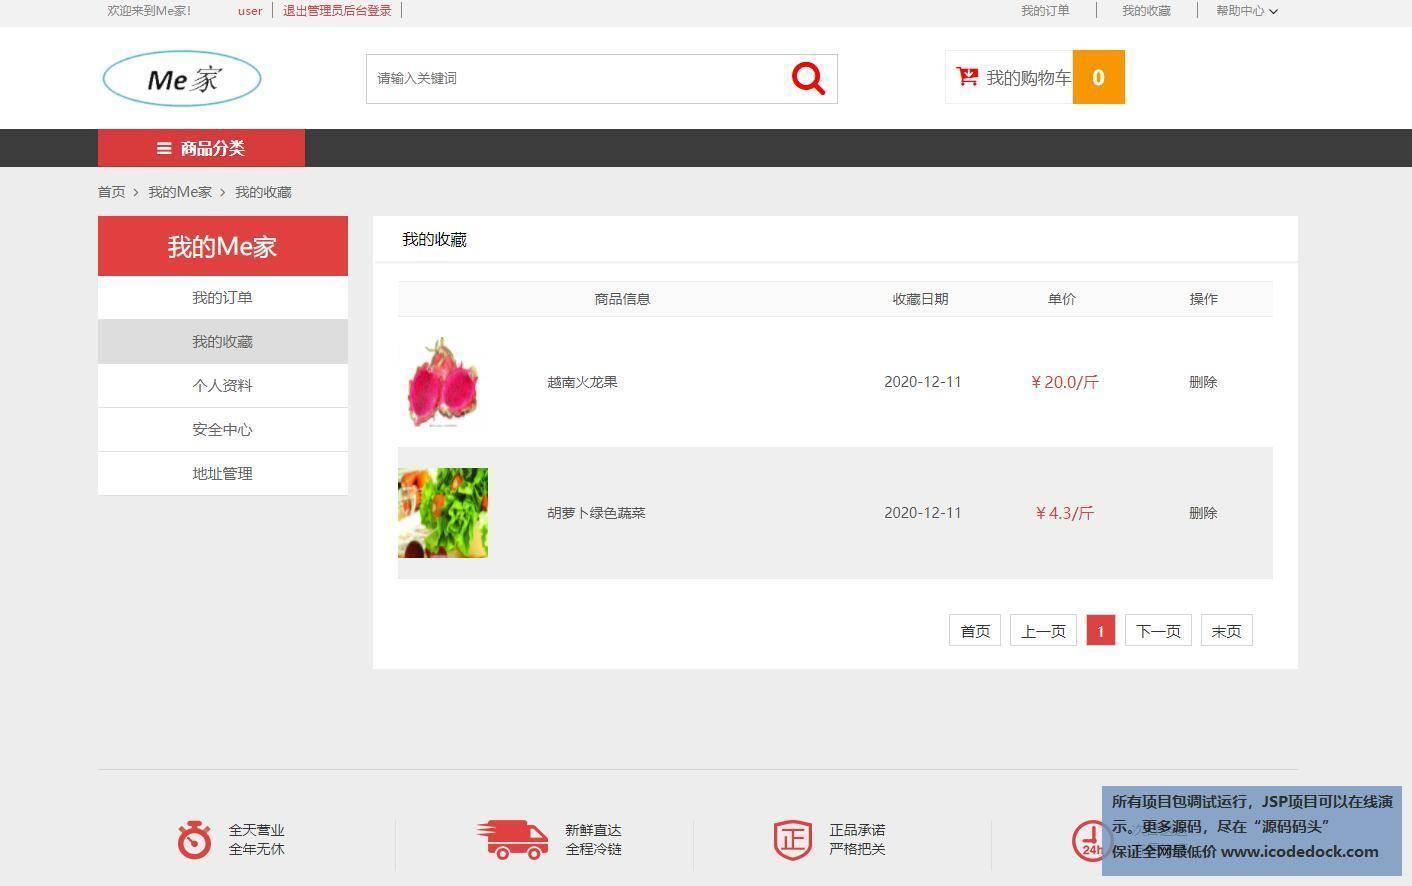 源码码头-SSH网上水果生鲜超市商城管理系统-用户角色-查看我的收藏